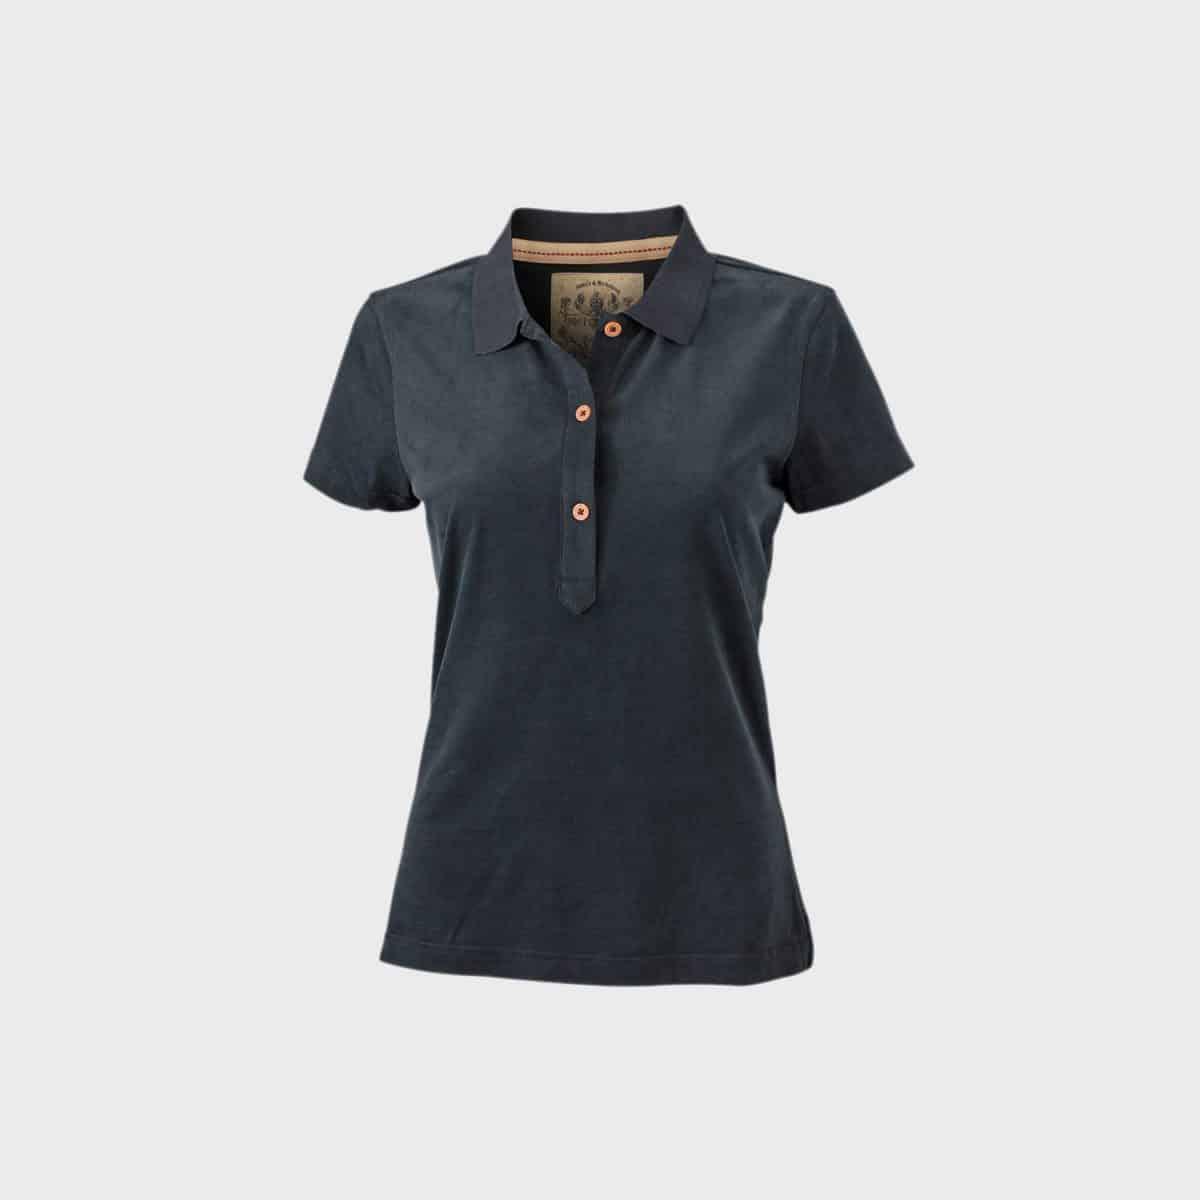 vintage-polo-t-shirt-damen-black-kaufen-besticken_stickmanufaktur